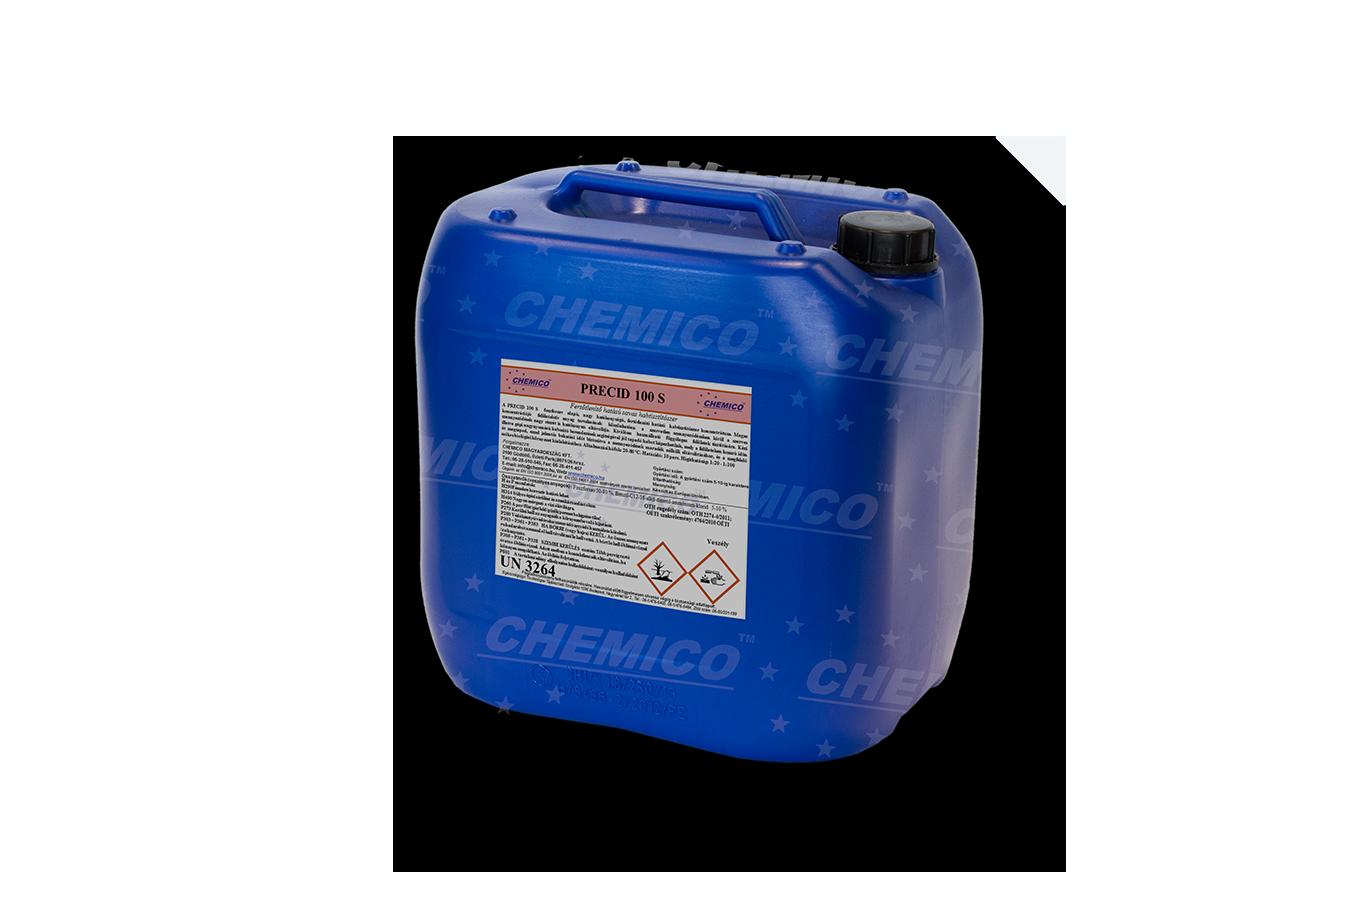 precid-100-s-vizkooldo-fertotlenito-savas-foszforsavas-ipari-chemico-30l